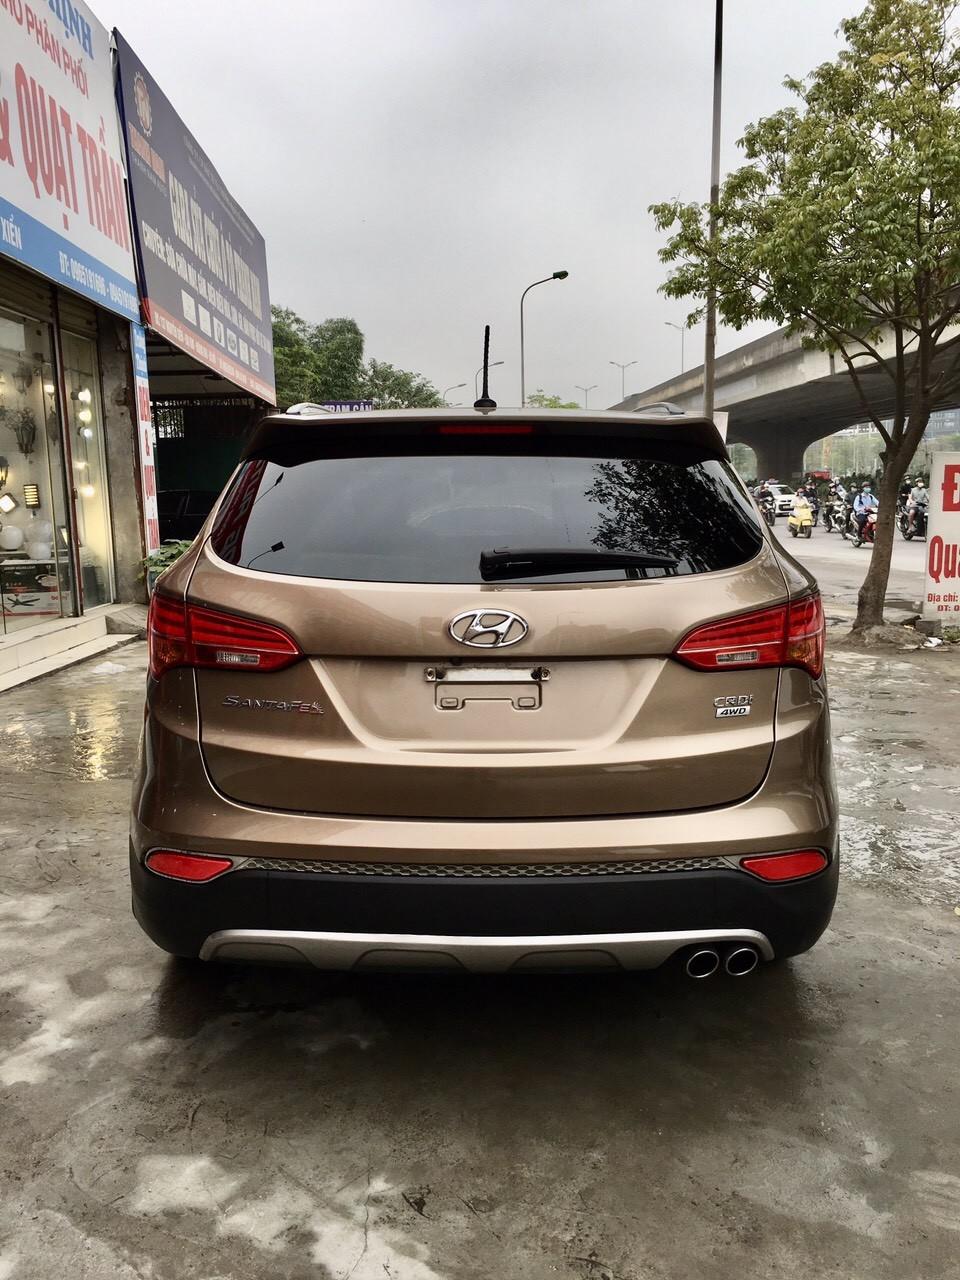 Cần bán xe Hyundai Santa Fe đời 2015, màu nâu giá cạnh tranh